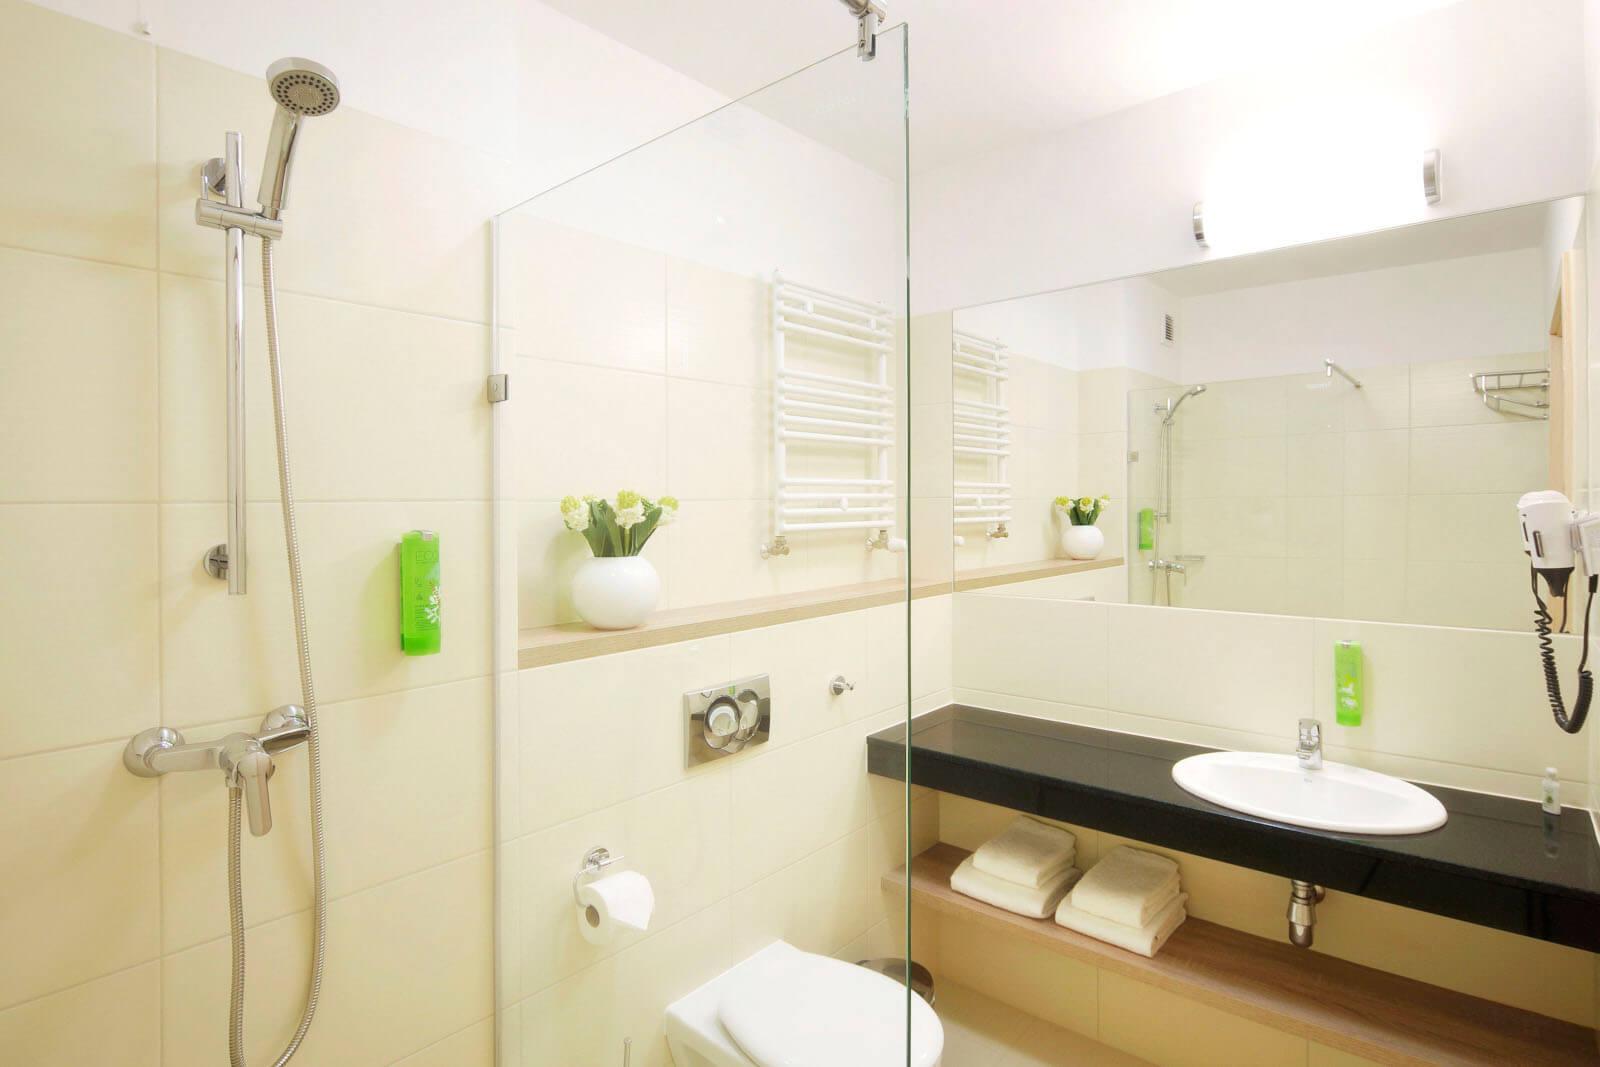 Łazienka w hotelu Tristan w Kątach Rybackich